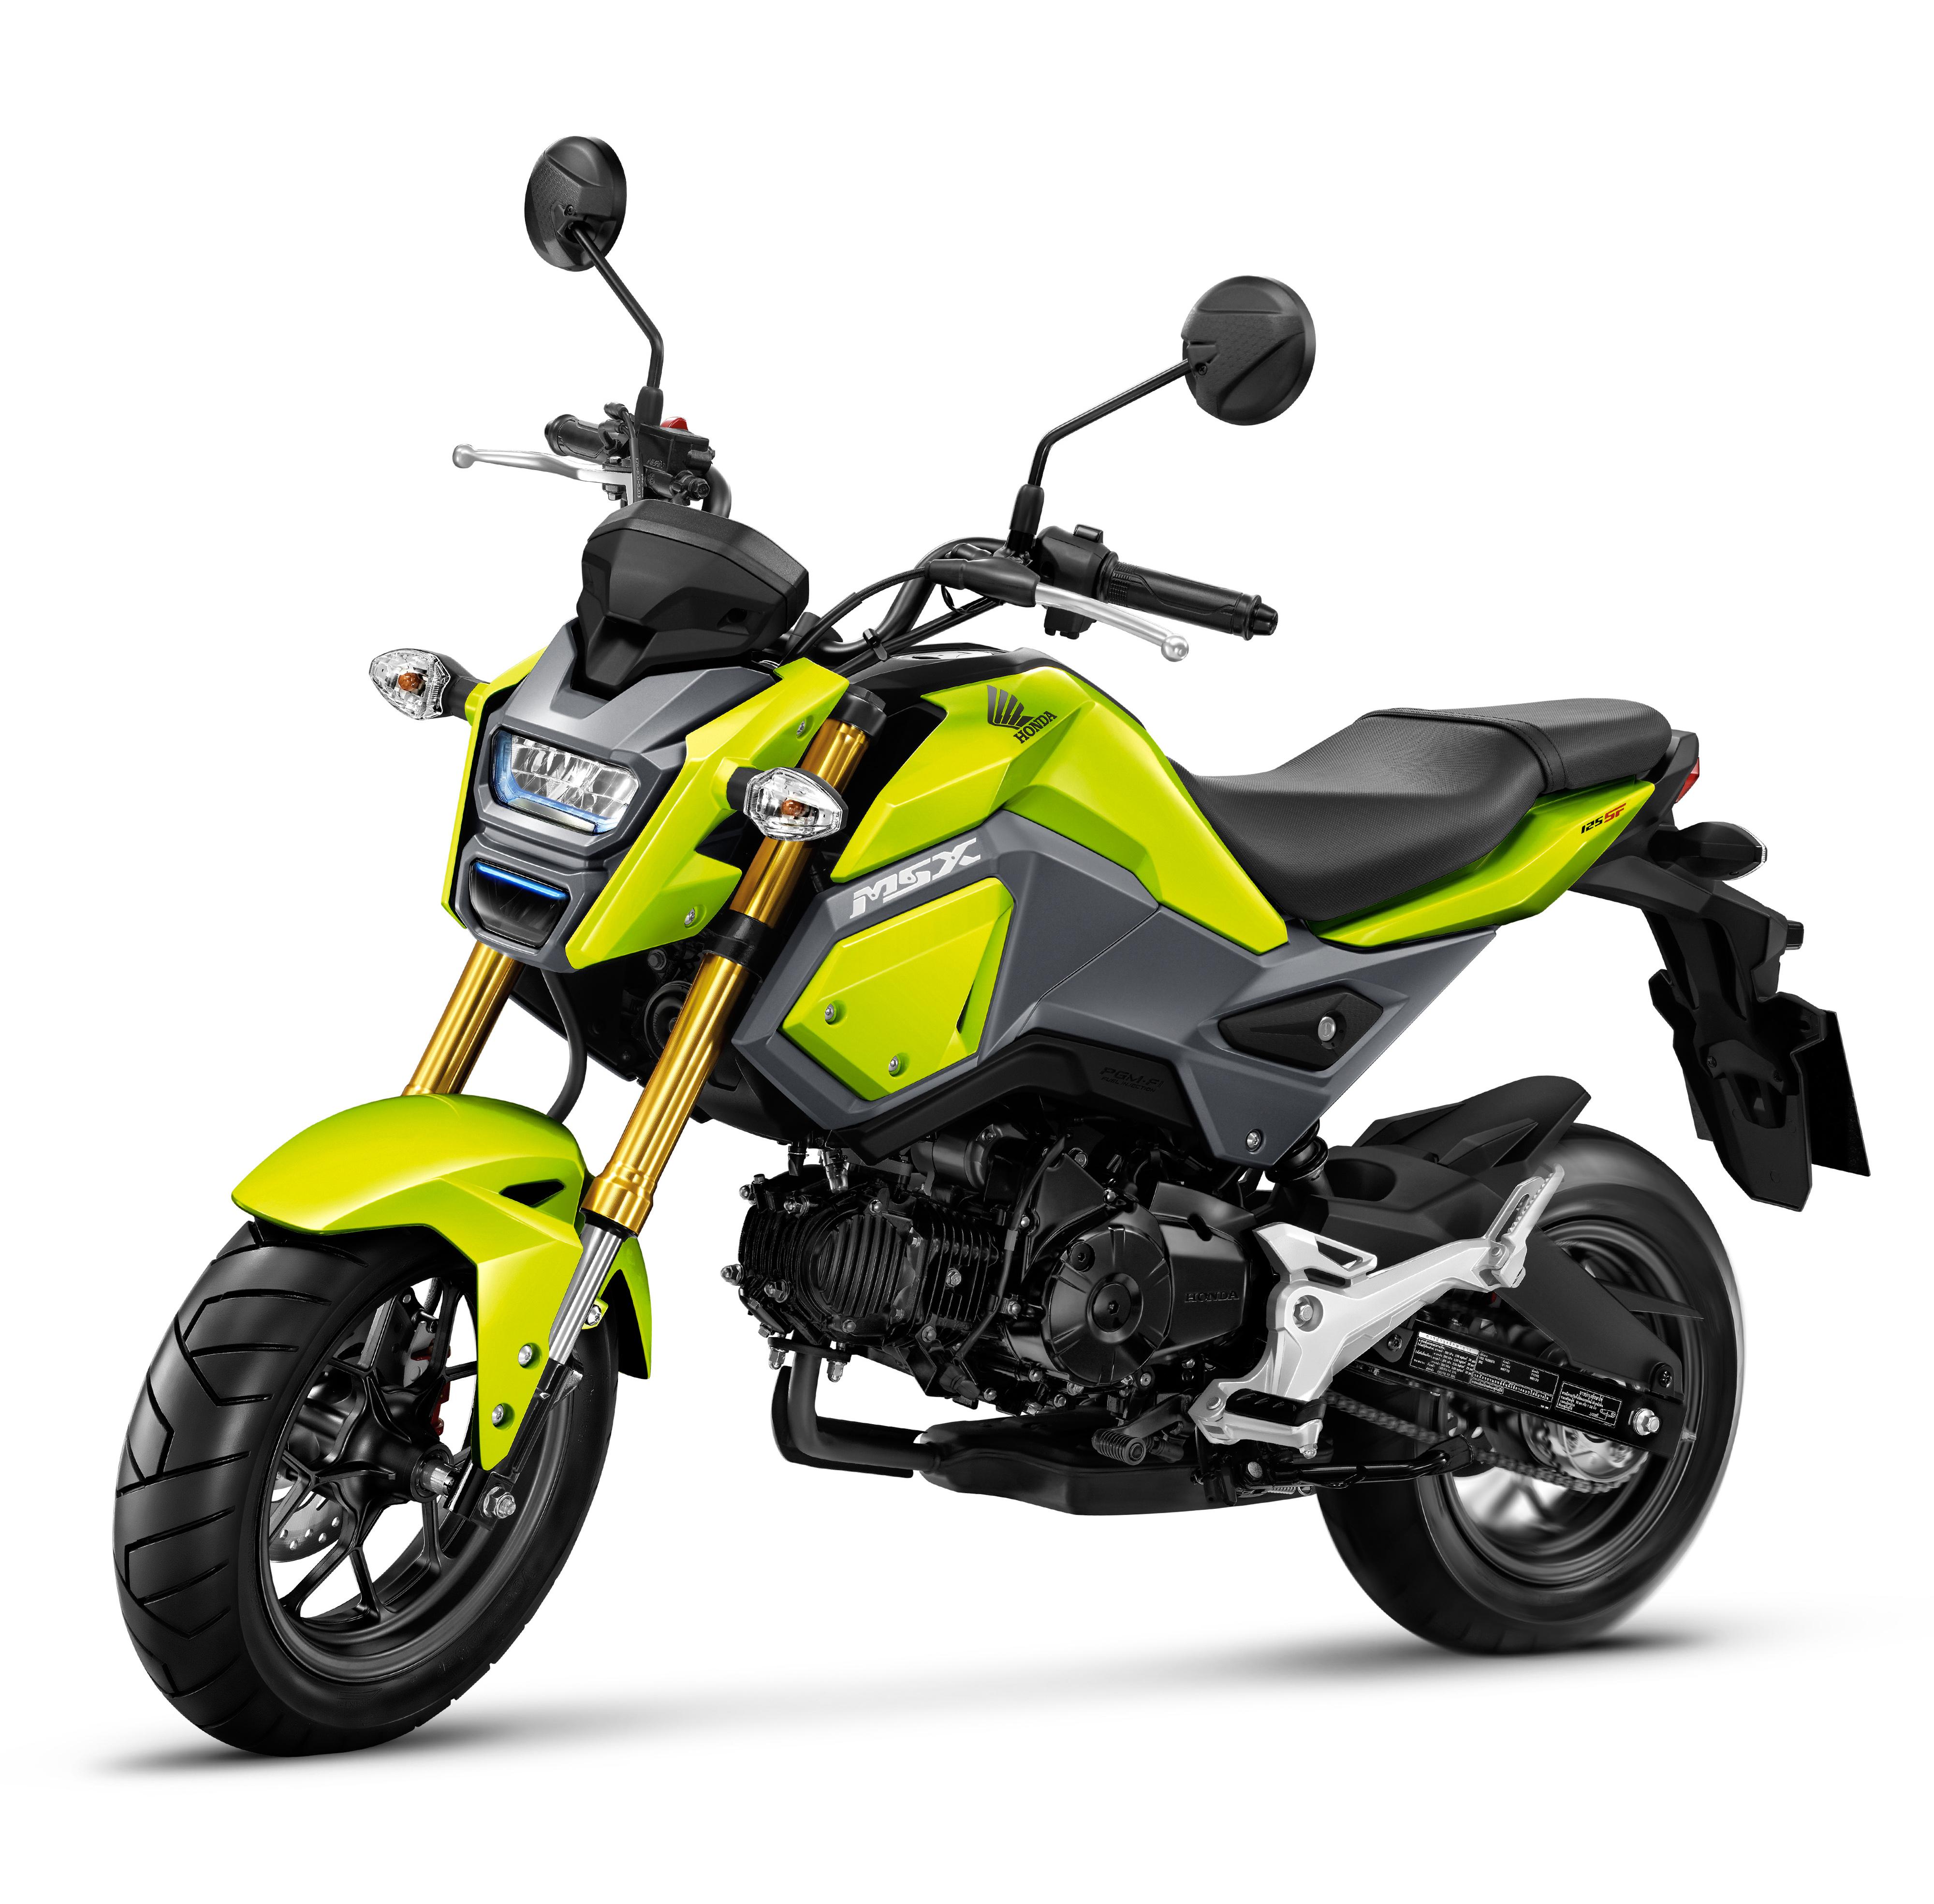 Honda Grom Set For Australian Market Bike Review